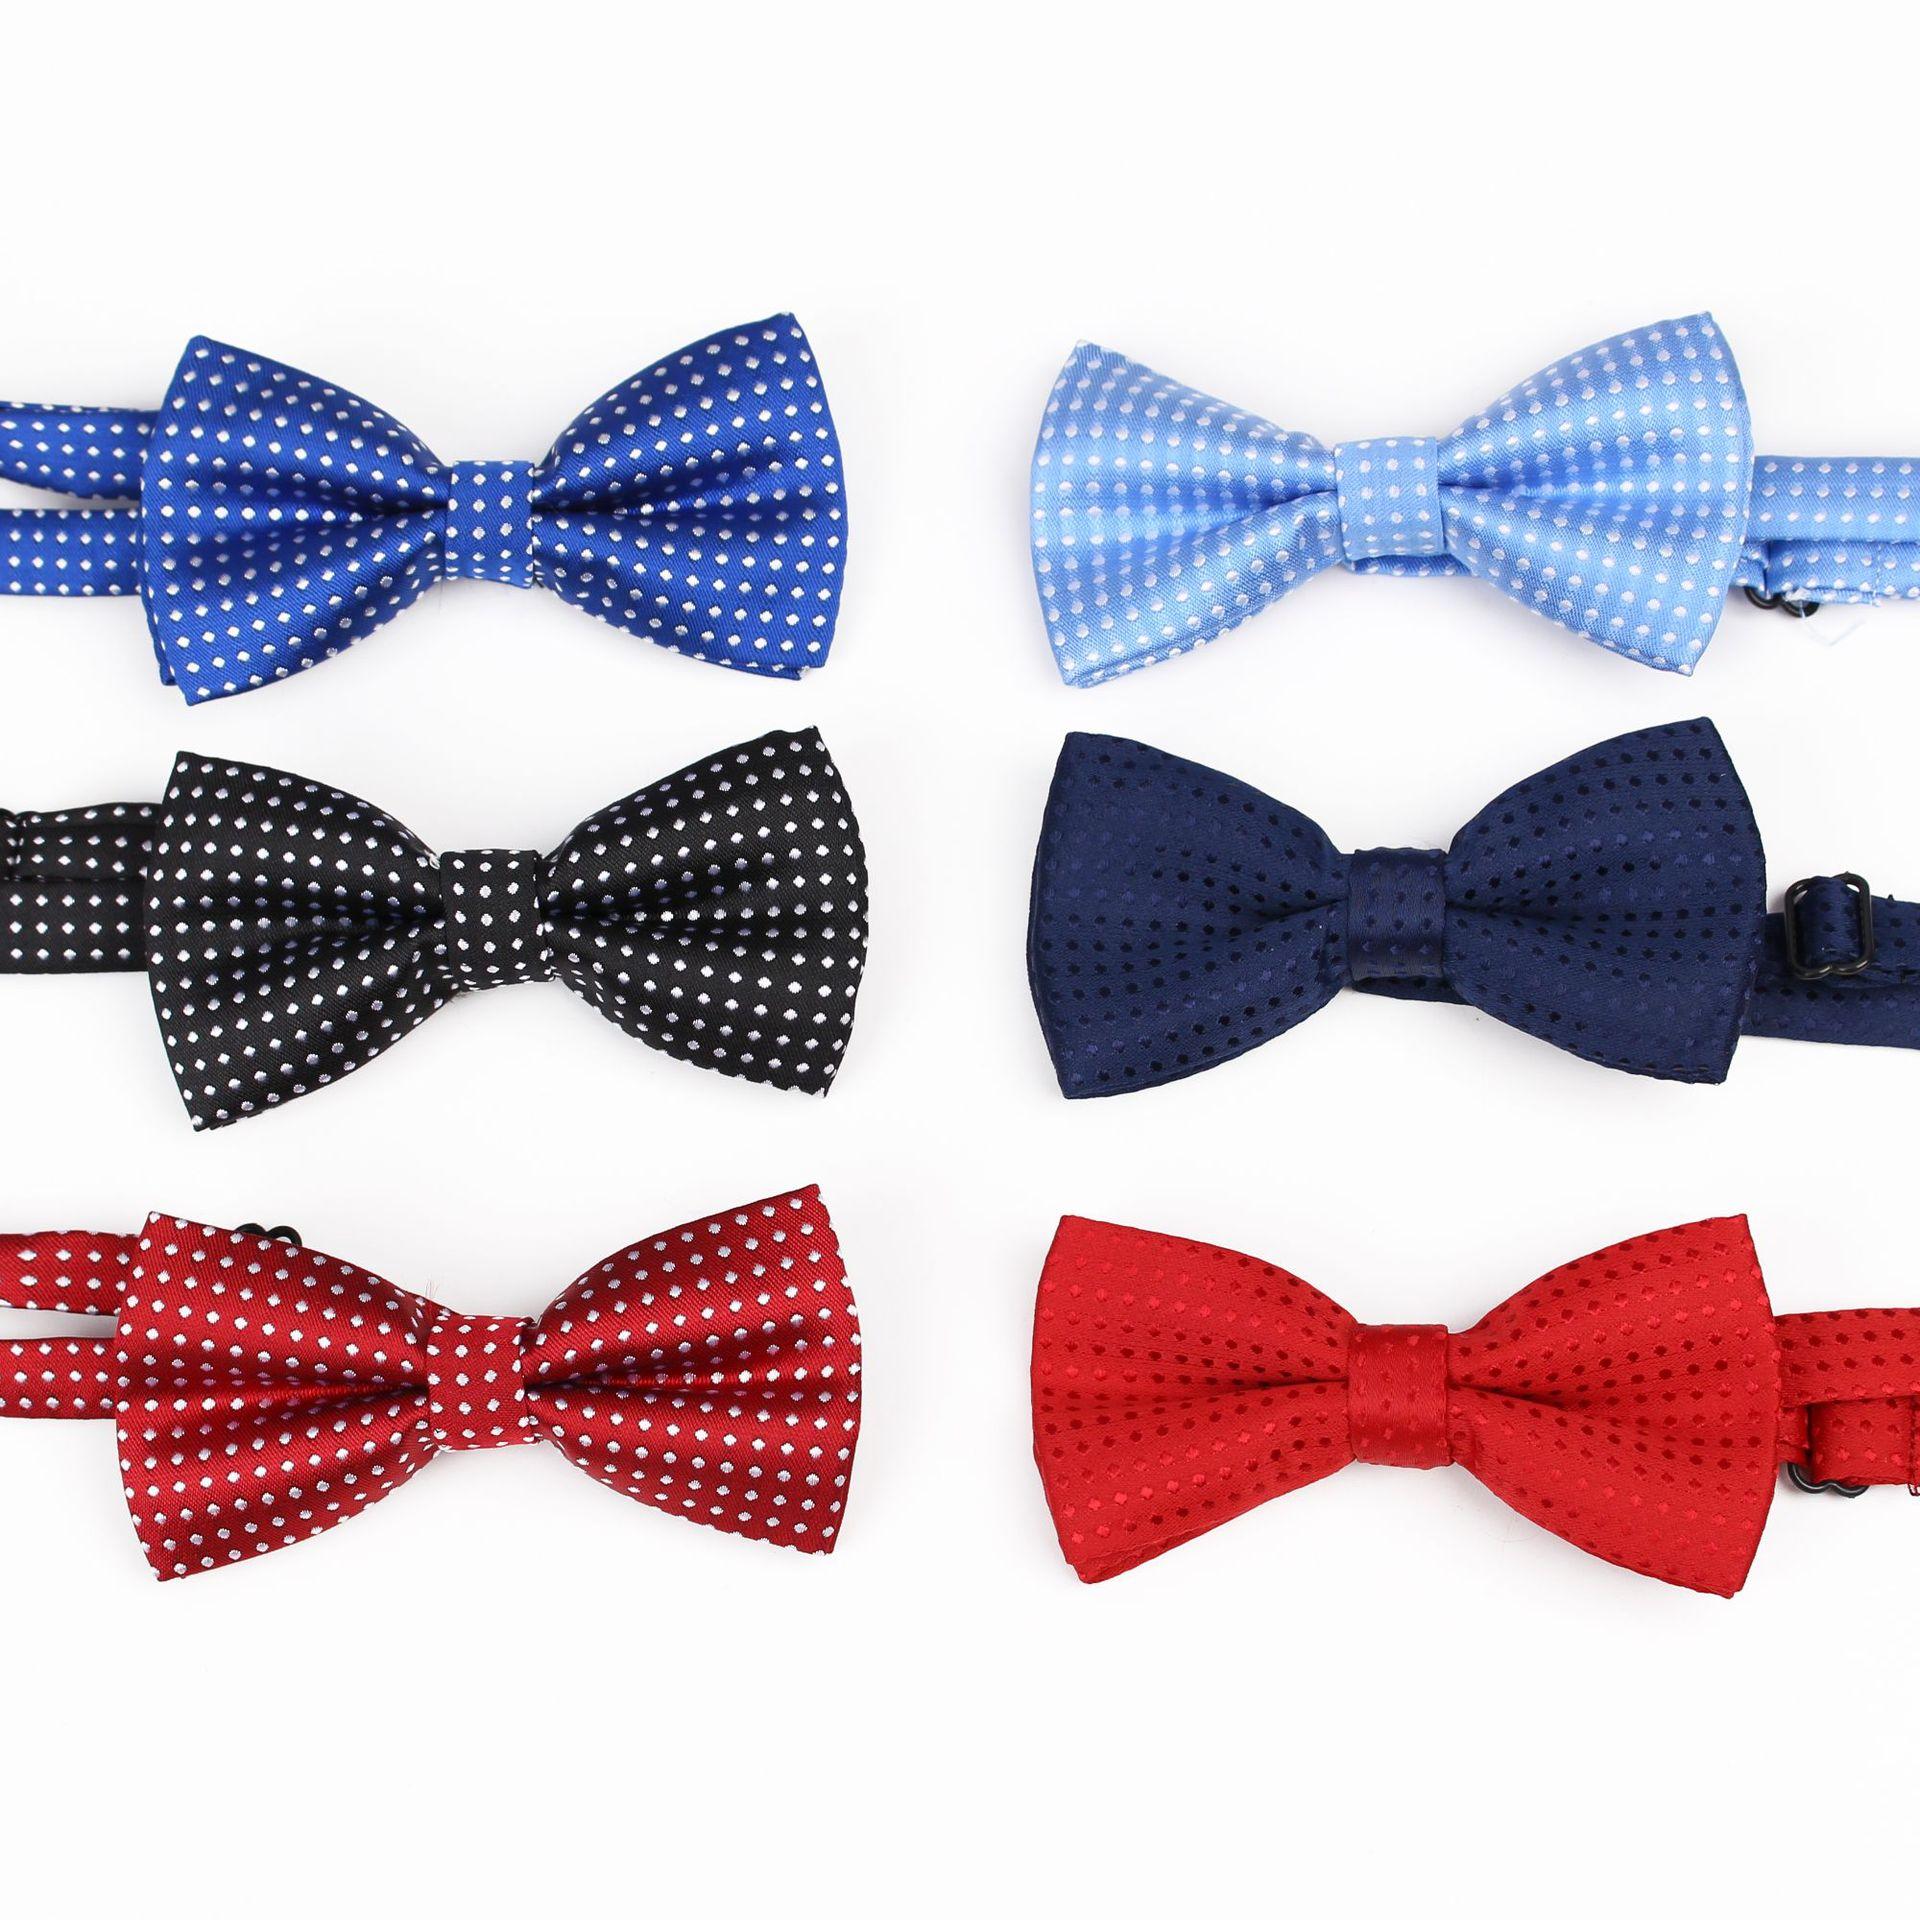 Neue Mode 2019 Neue Einfache Persönlichkeit Kinder Laufsteg Zeigen Dekoration Fliege Farbe Welle Baby Mini Jungen Und Mädchen Zubehör Bogen Krawatte